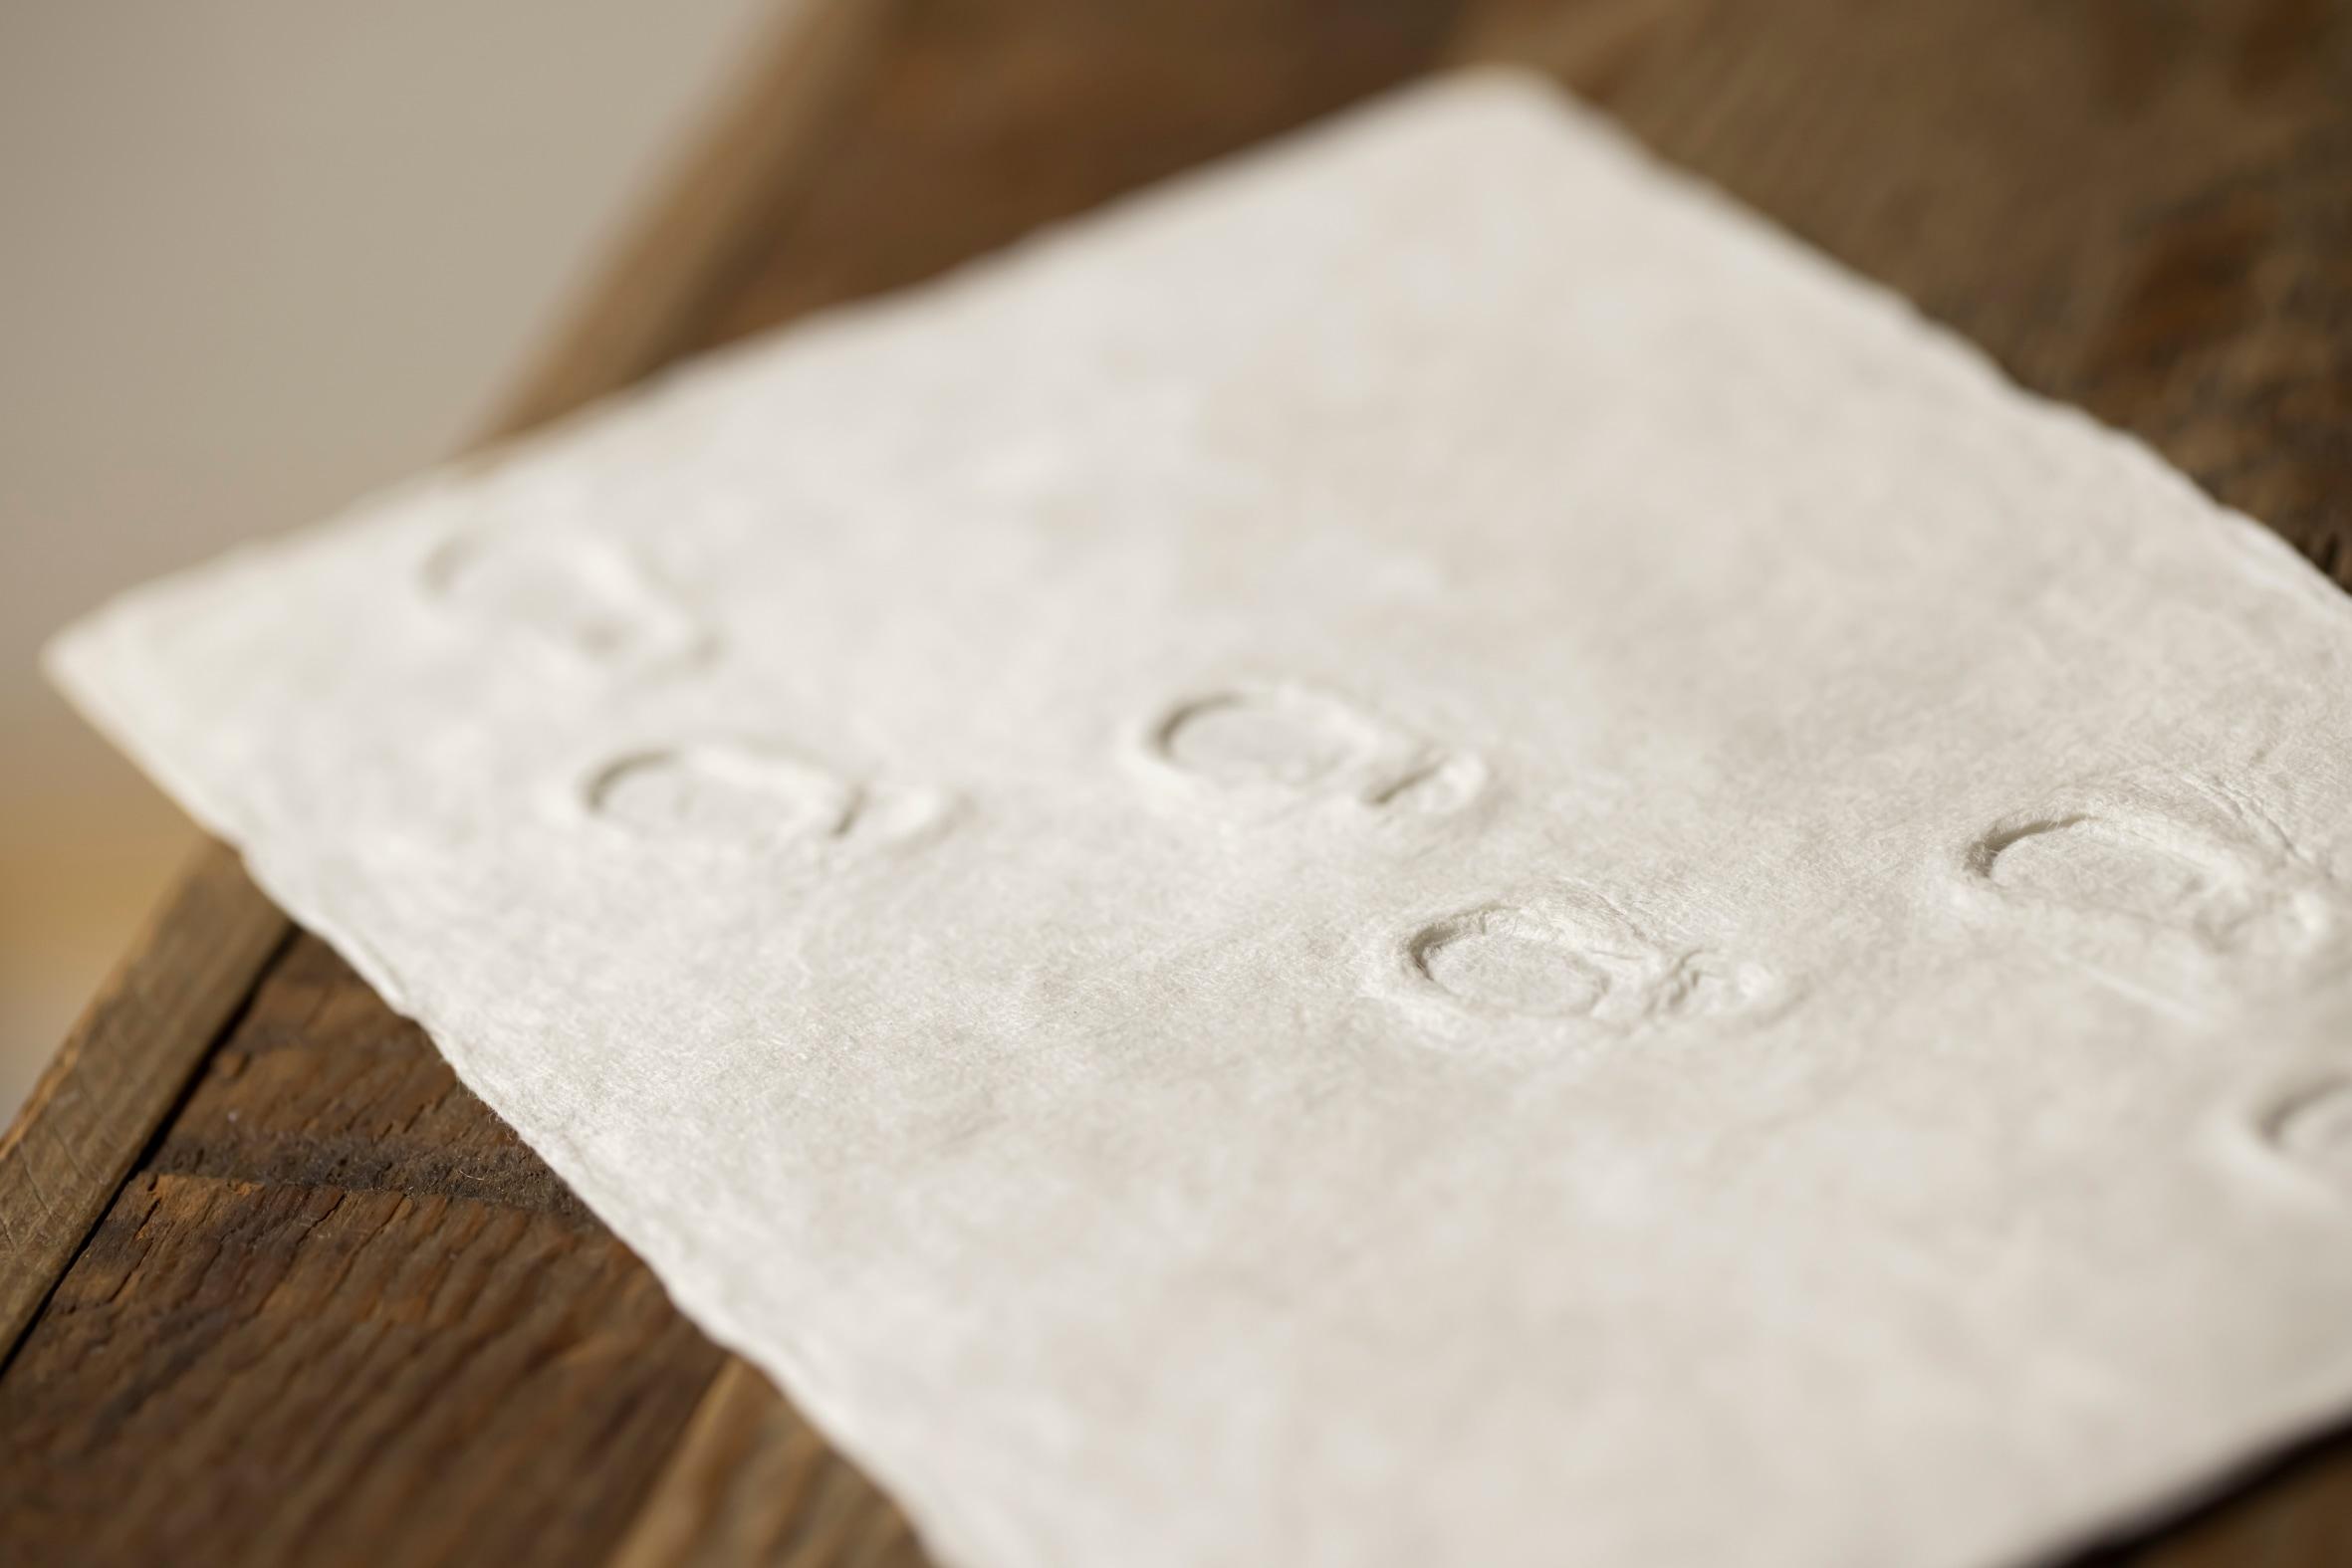 積もった雪の上の足跡を手すき和紙で表現した蝦夷和紙工房 紙びよりの「ゆきふみ(あしあと)」,ハンドメイド和紙カード